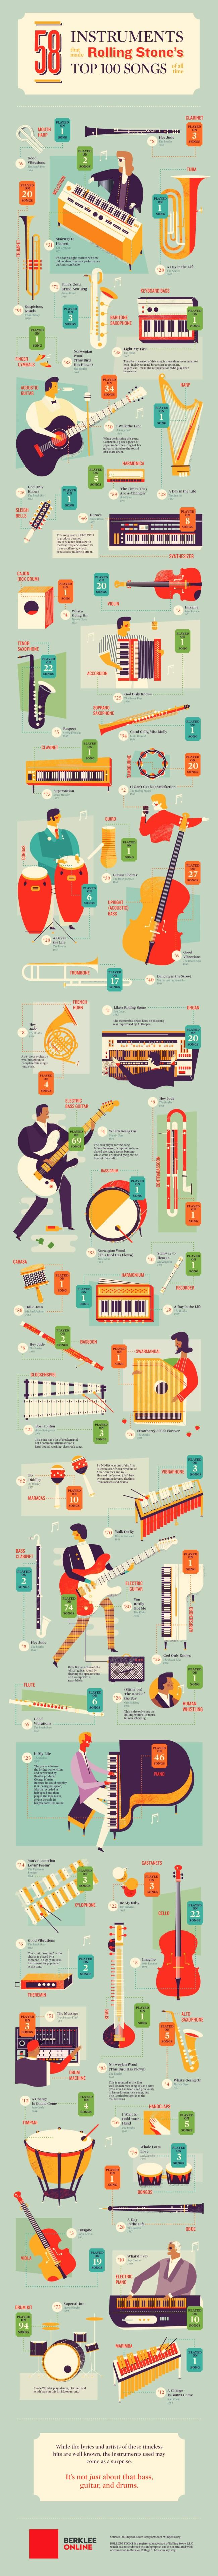 Berklee Online Instruments Infographic